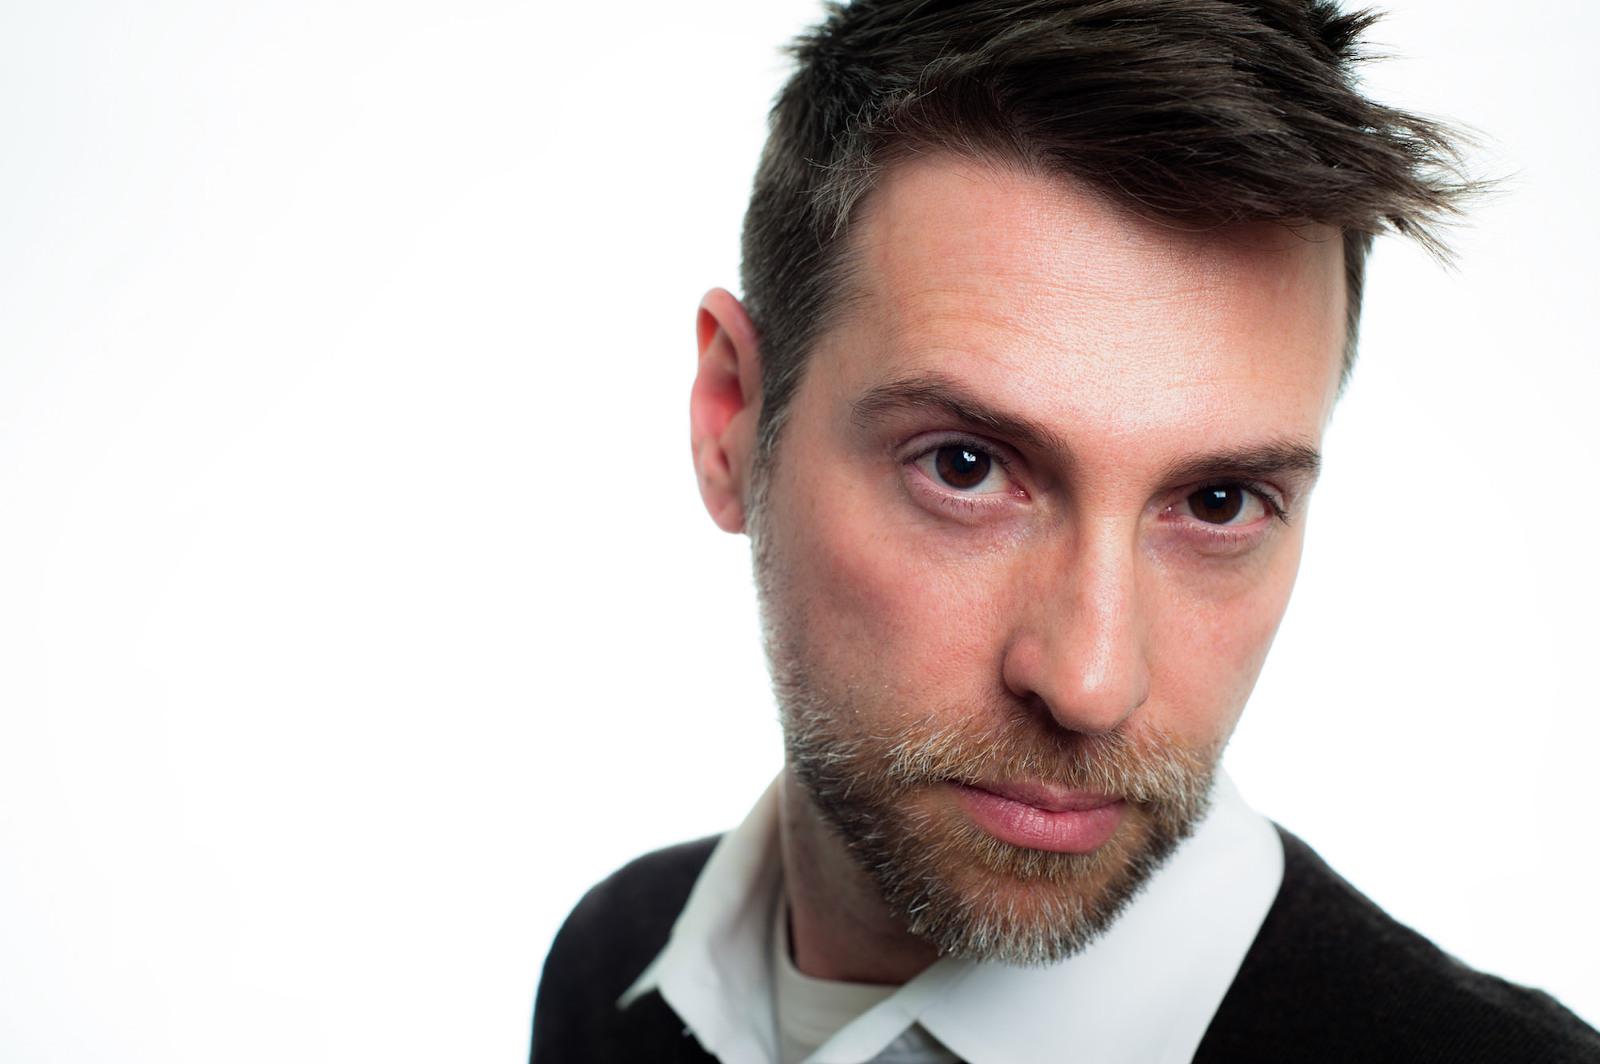 Atlanta actor headshot of James wearing black shirt on white seamless